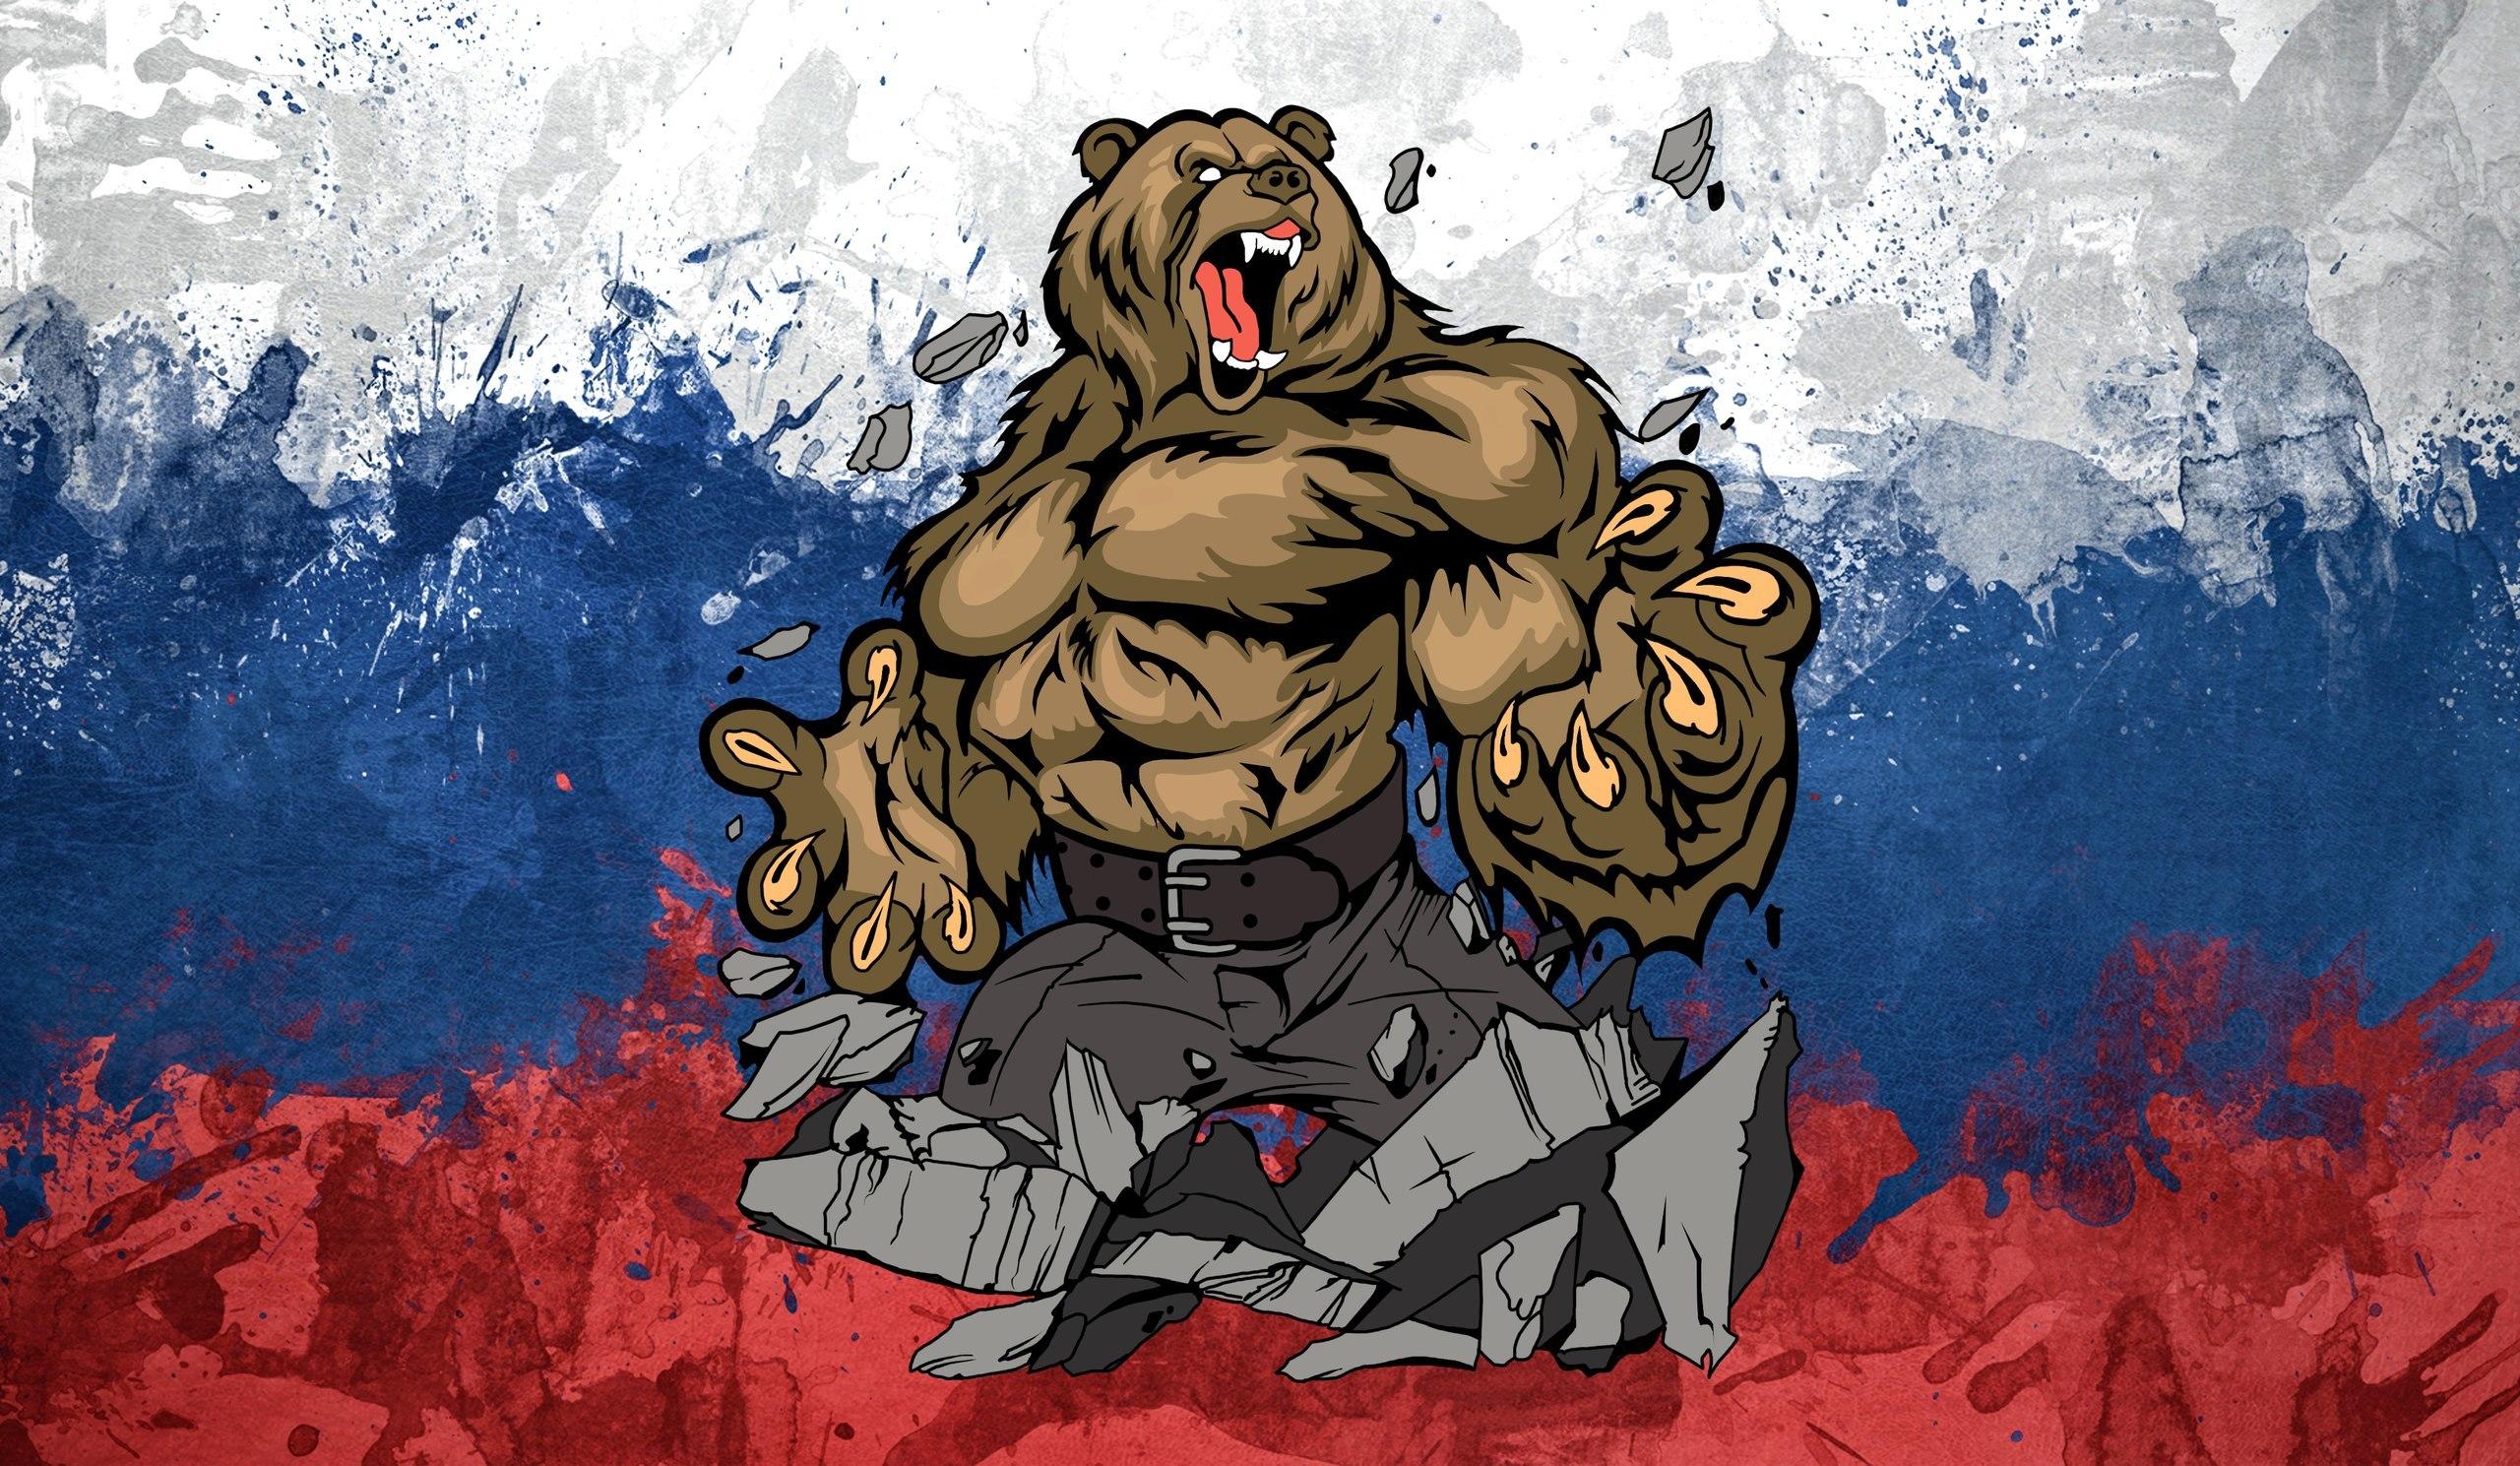 Поздравляю выздоравливай, картинки россия крутые